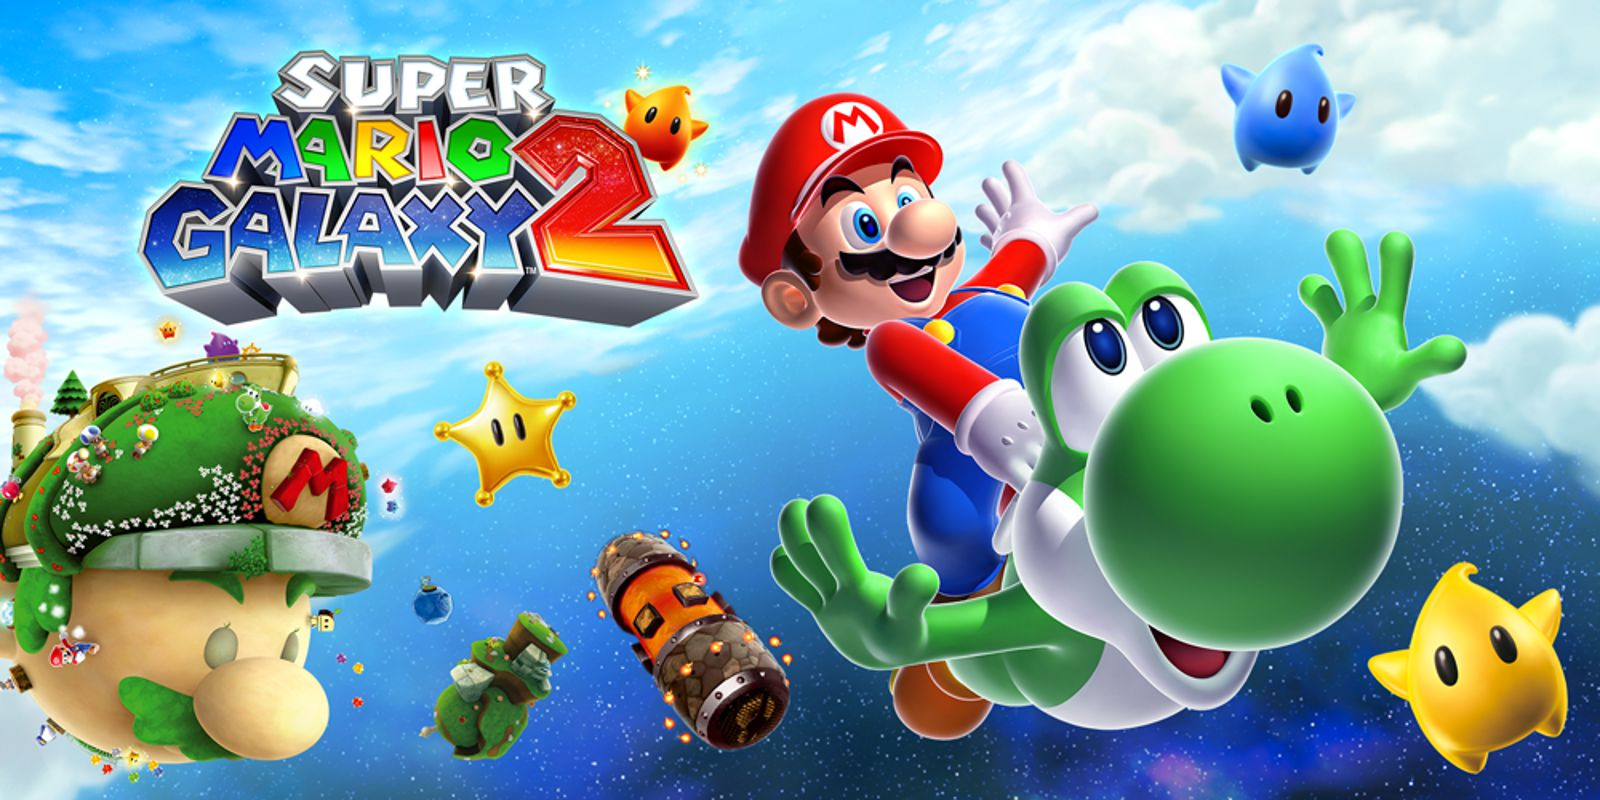 Free download game Super Mario Galaxy 2